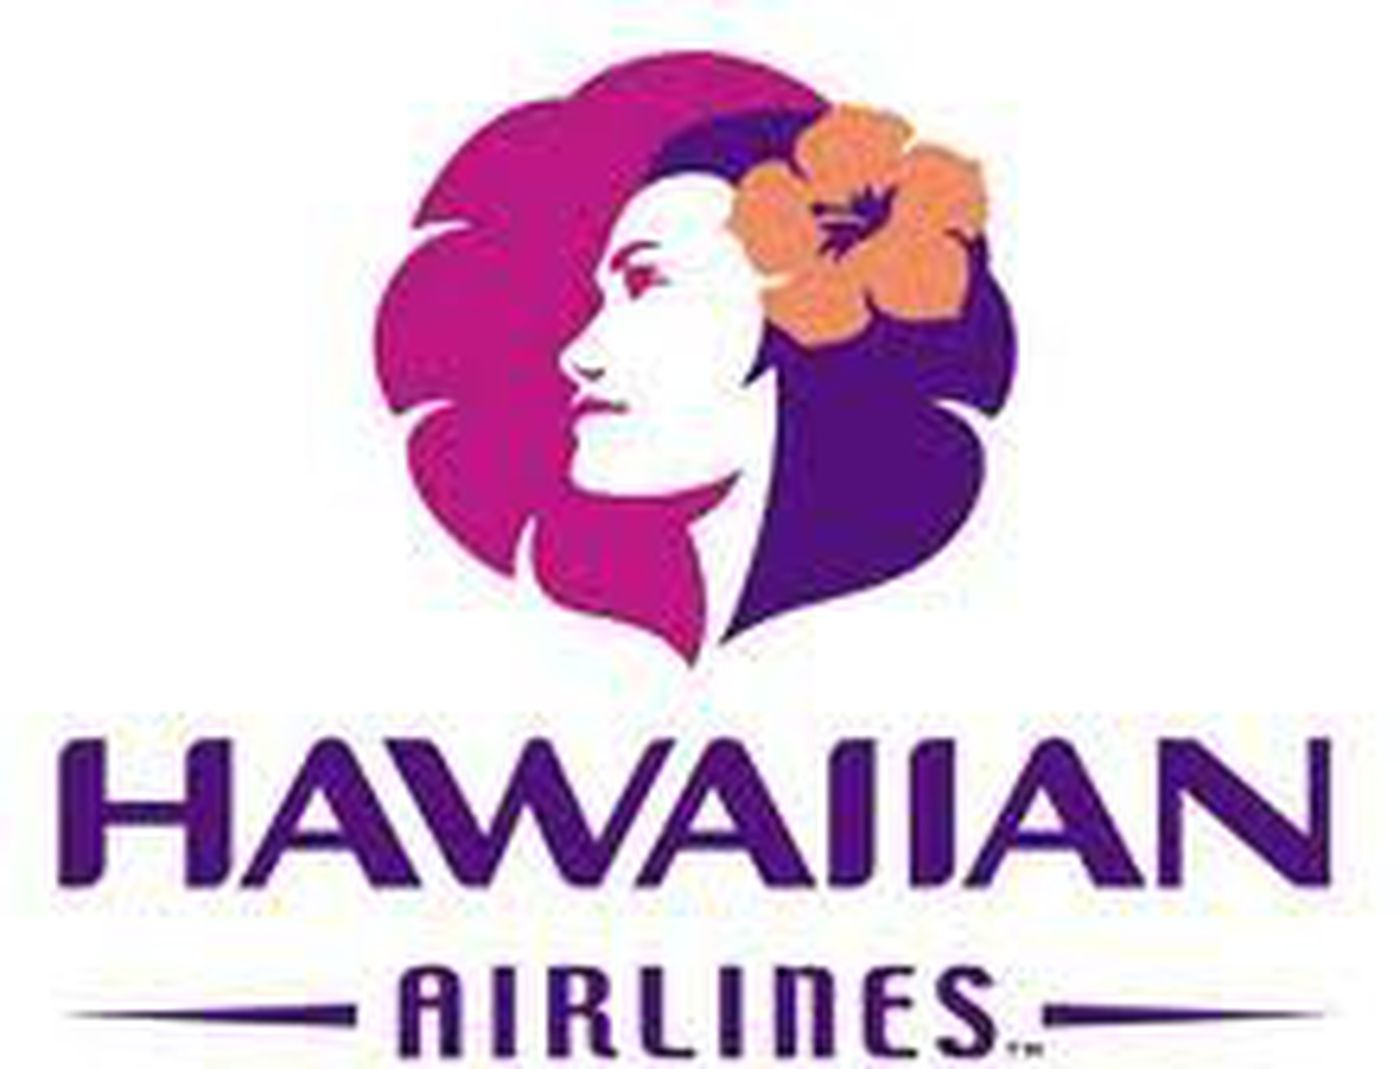 Hawaiian Airlines Hiring For 240 Flight Attendant Positions